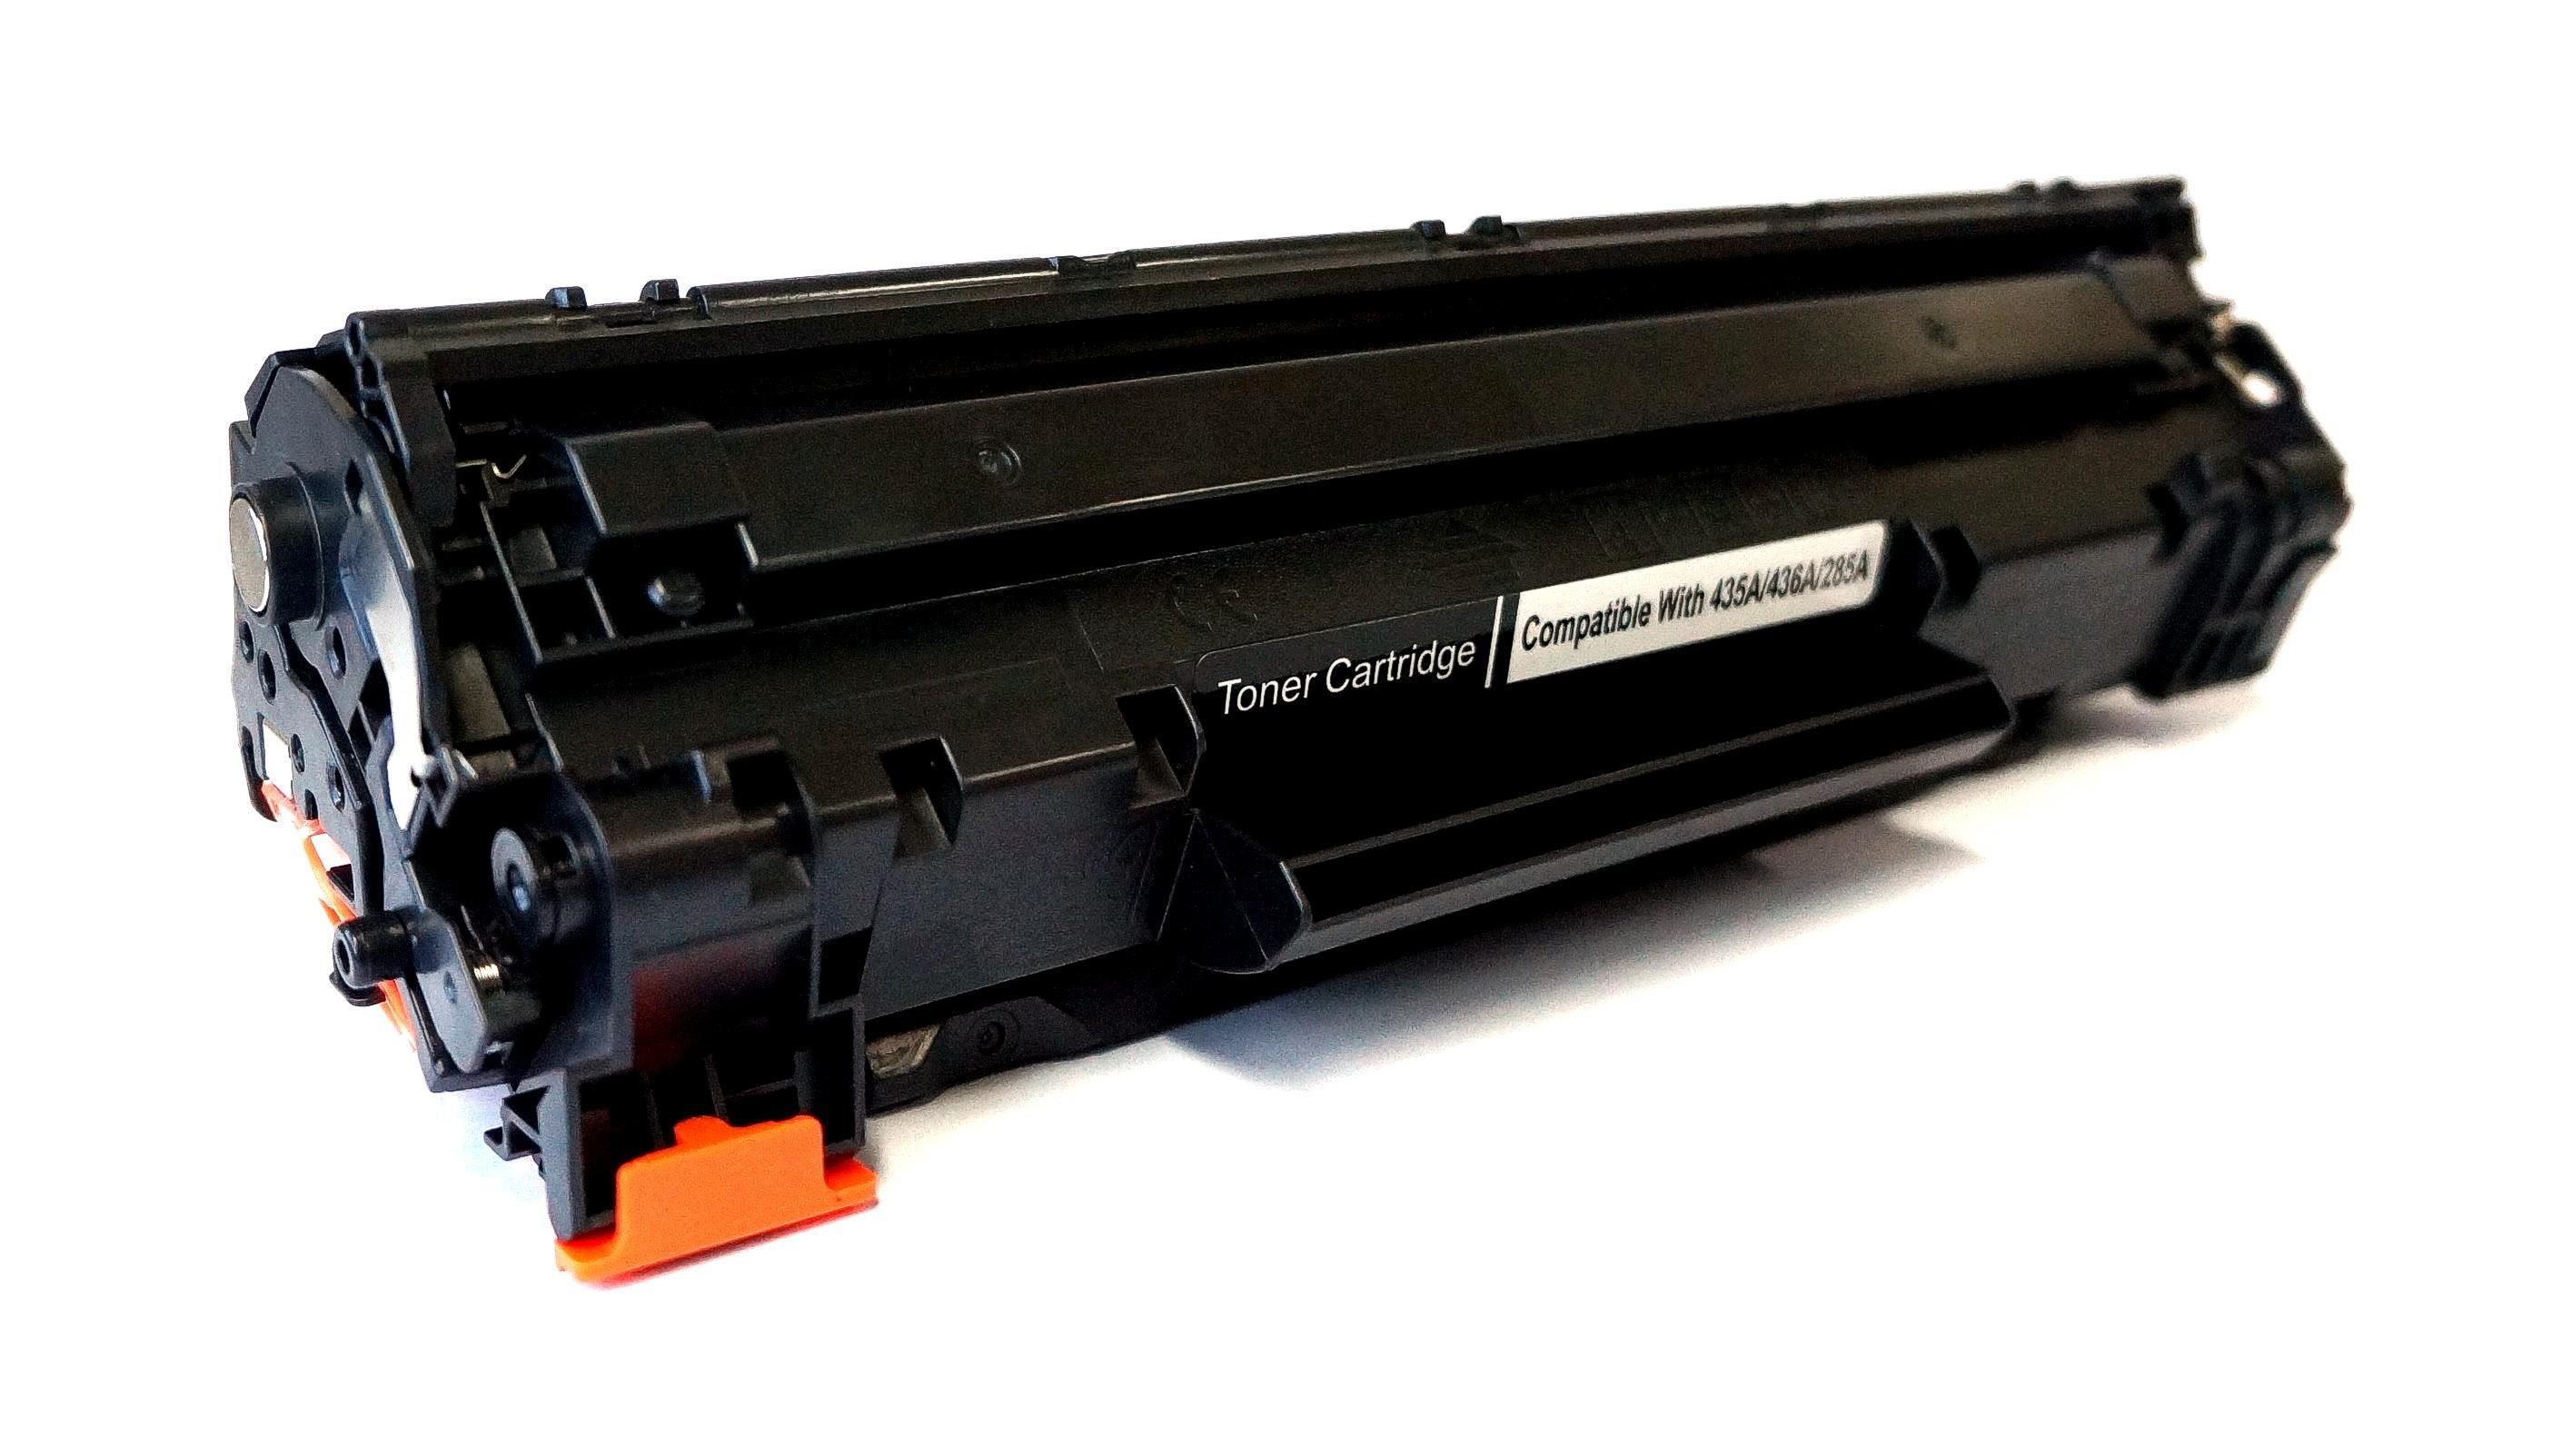 Cartucho Toner Hp 1005  P1505  M1120  1132  Cb435A  Cb436A  Ce285A (2K) Compatível Profit